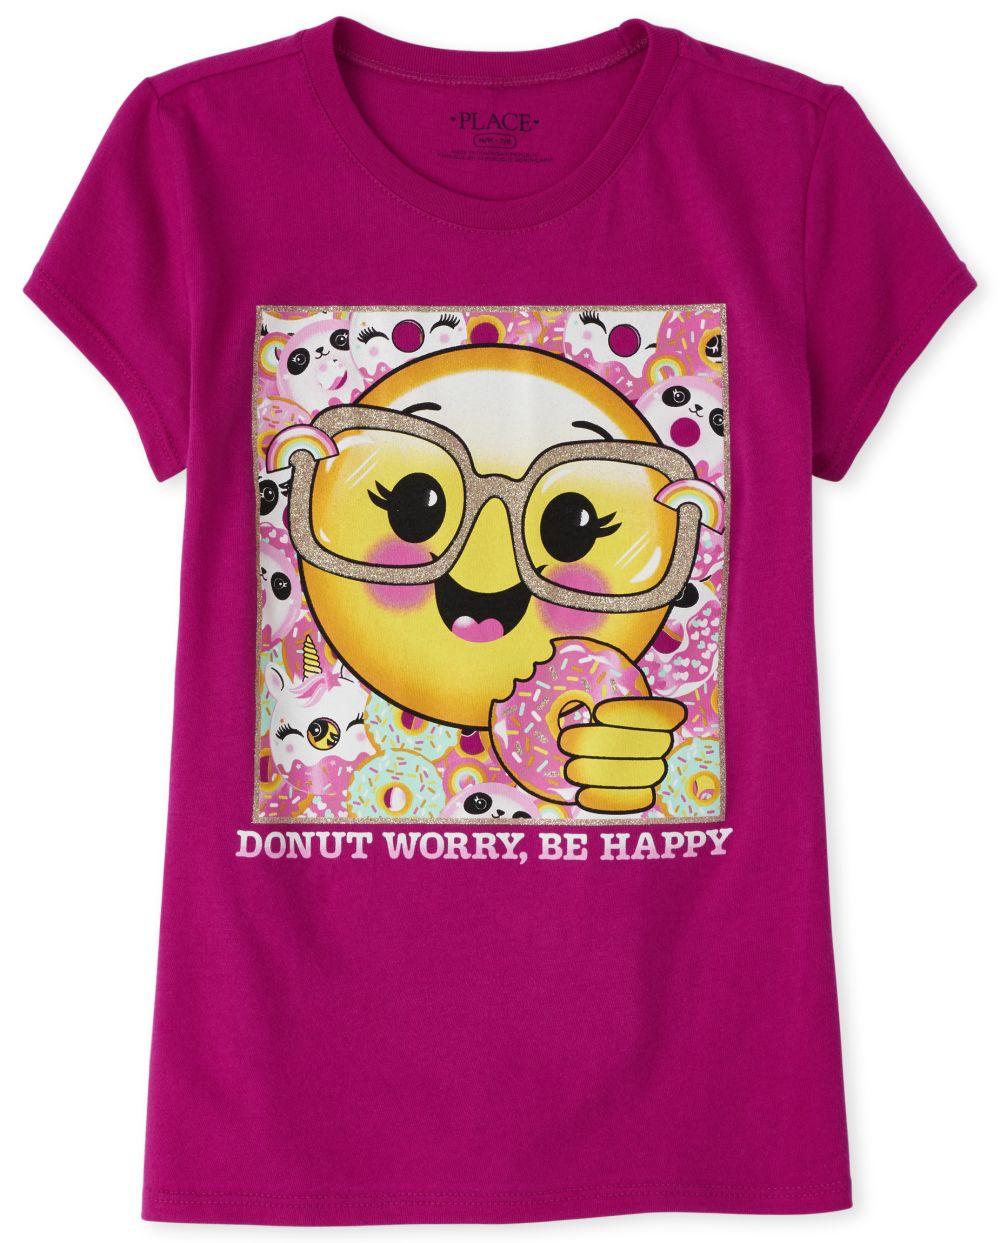 Girls Glitter Emoji Donut Graphic Tee